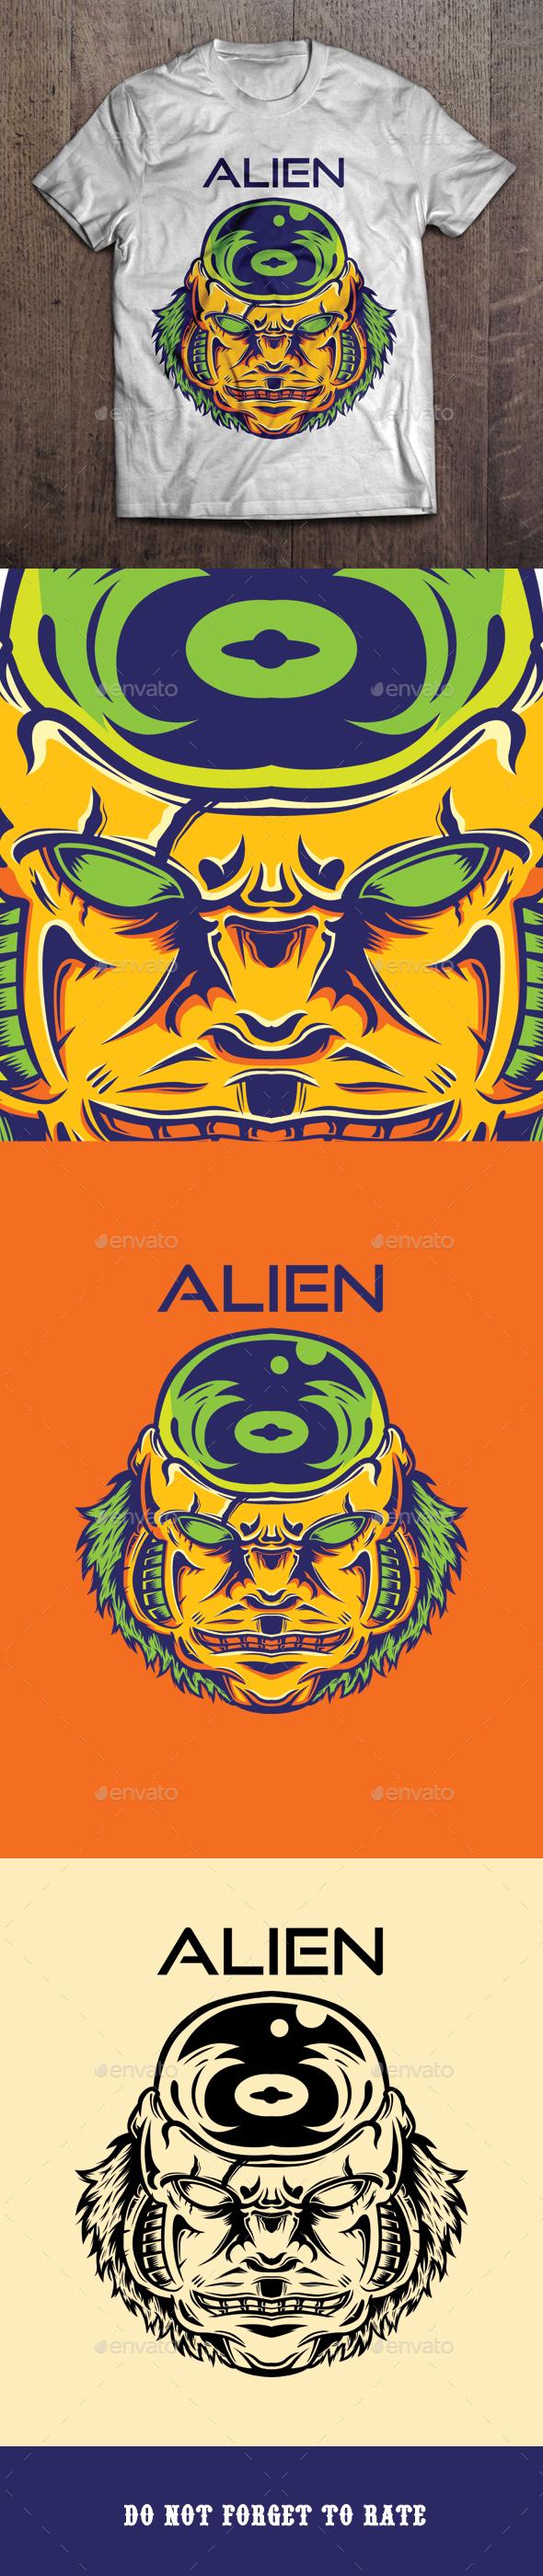 Alien T-shirt Design - Grunge Designs